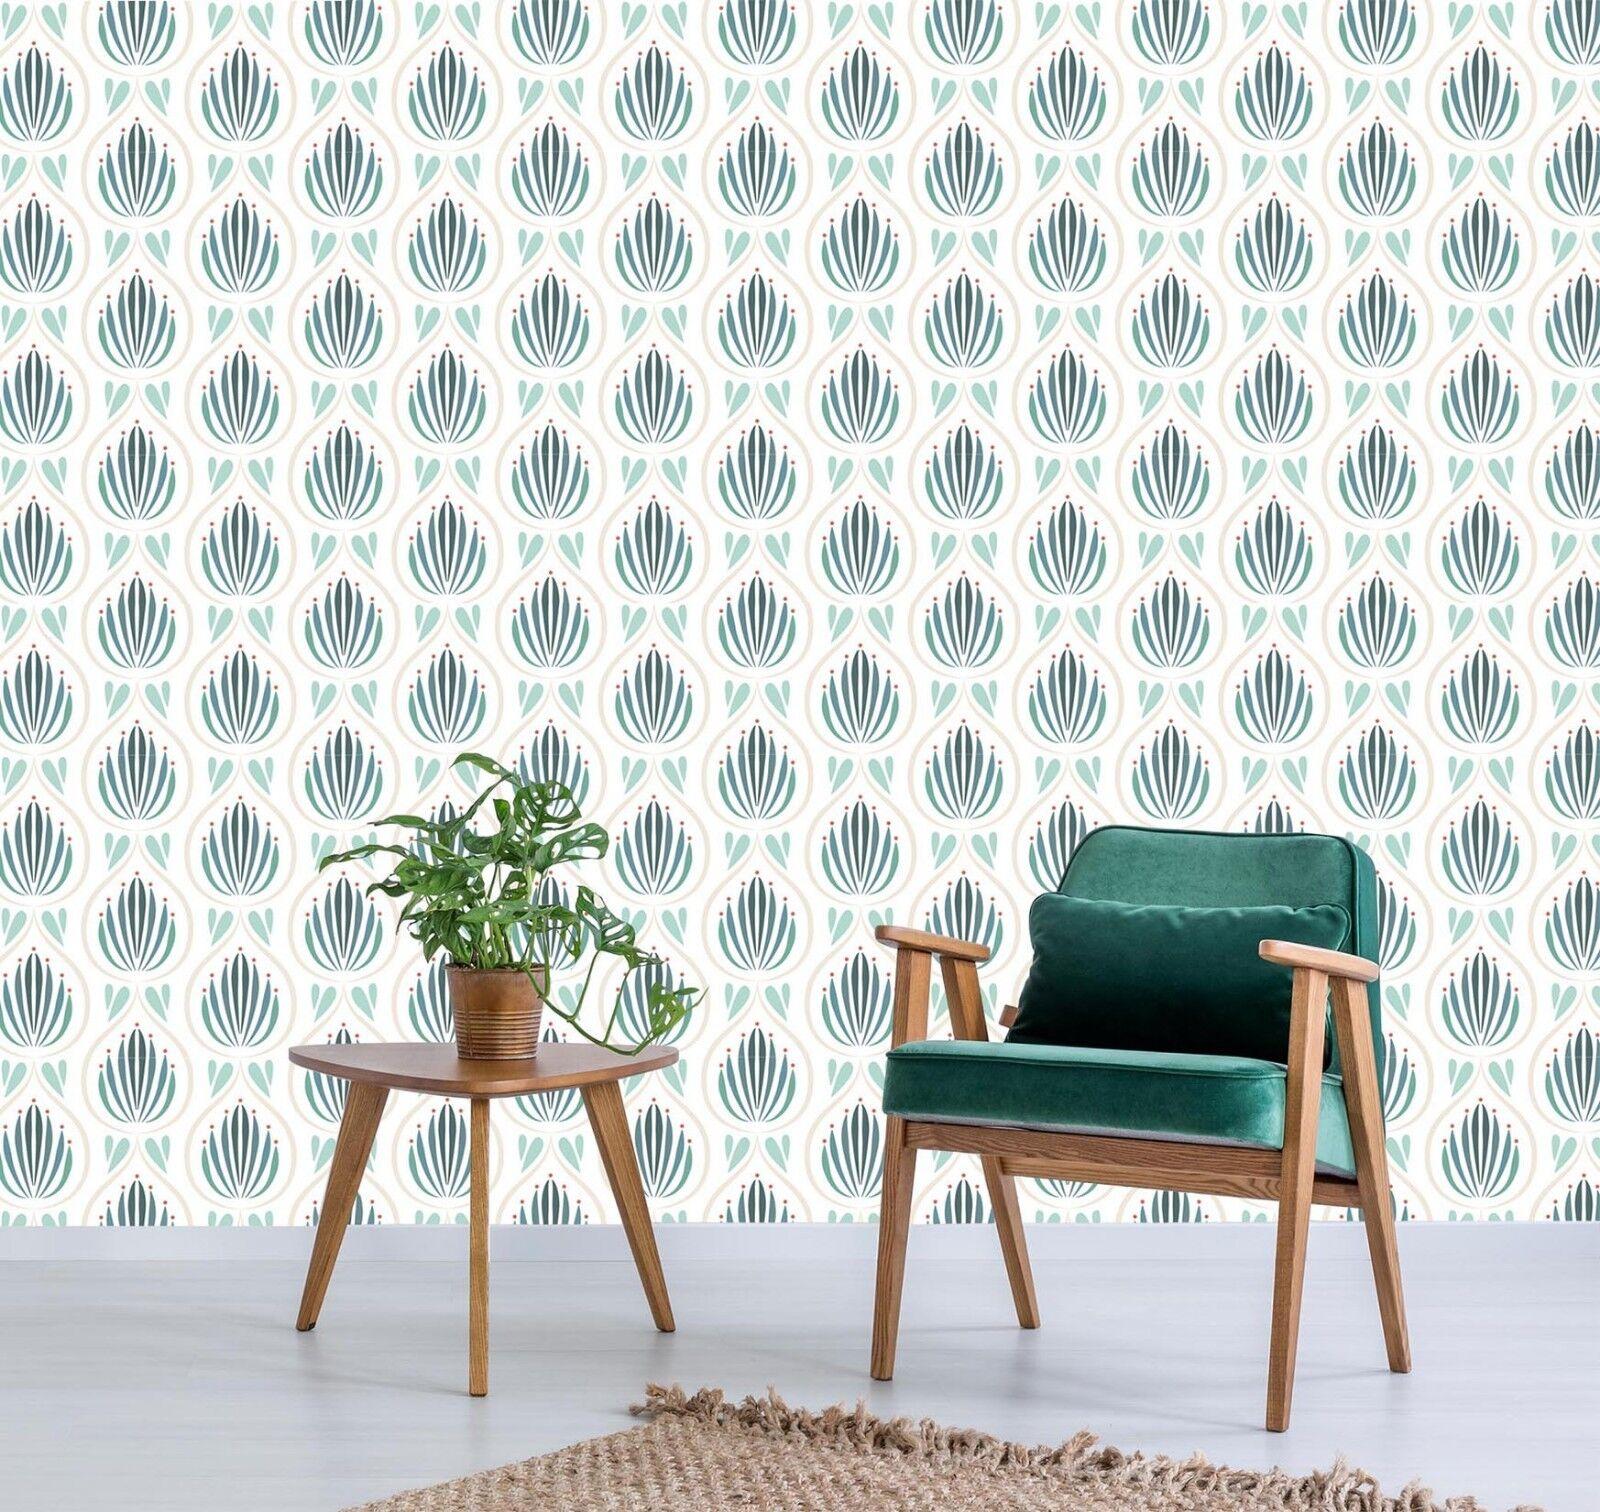 3D greene bluemen Muster 2019 Tapete Wandgemälde Tapete Tapeten Familie Kinde DE